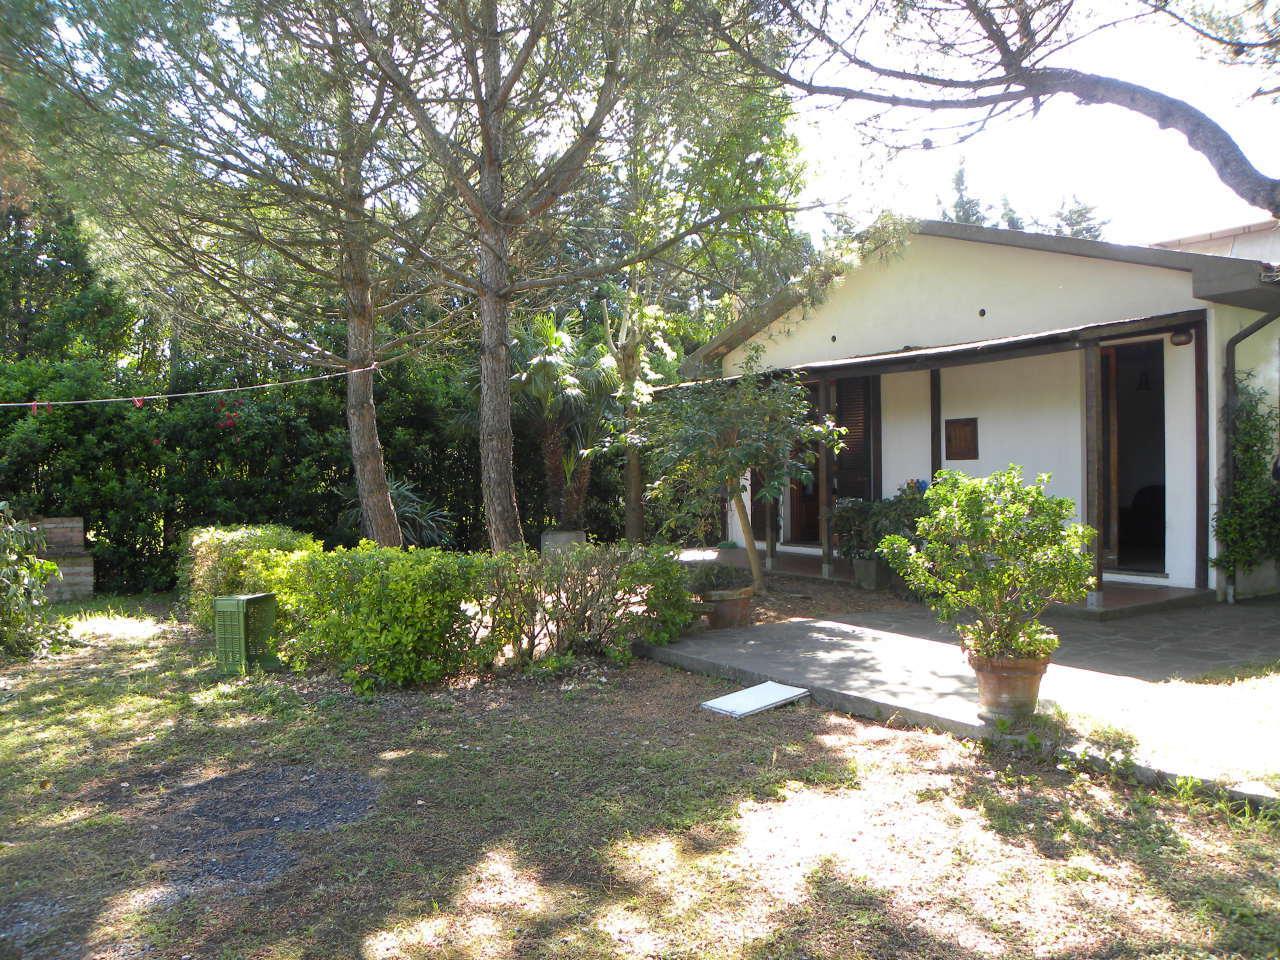 Villa in vendita a Cascina, 4 locali, prezzo € 180.000 | Cambio Casa.it